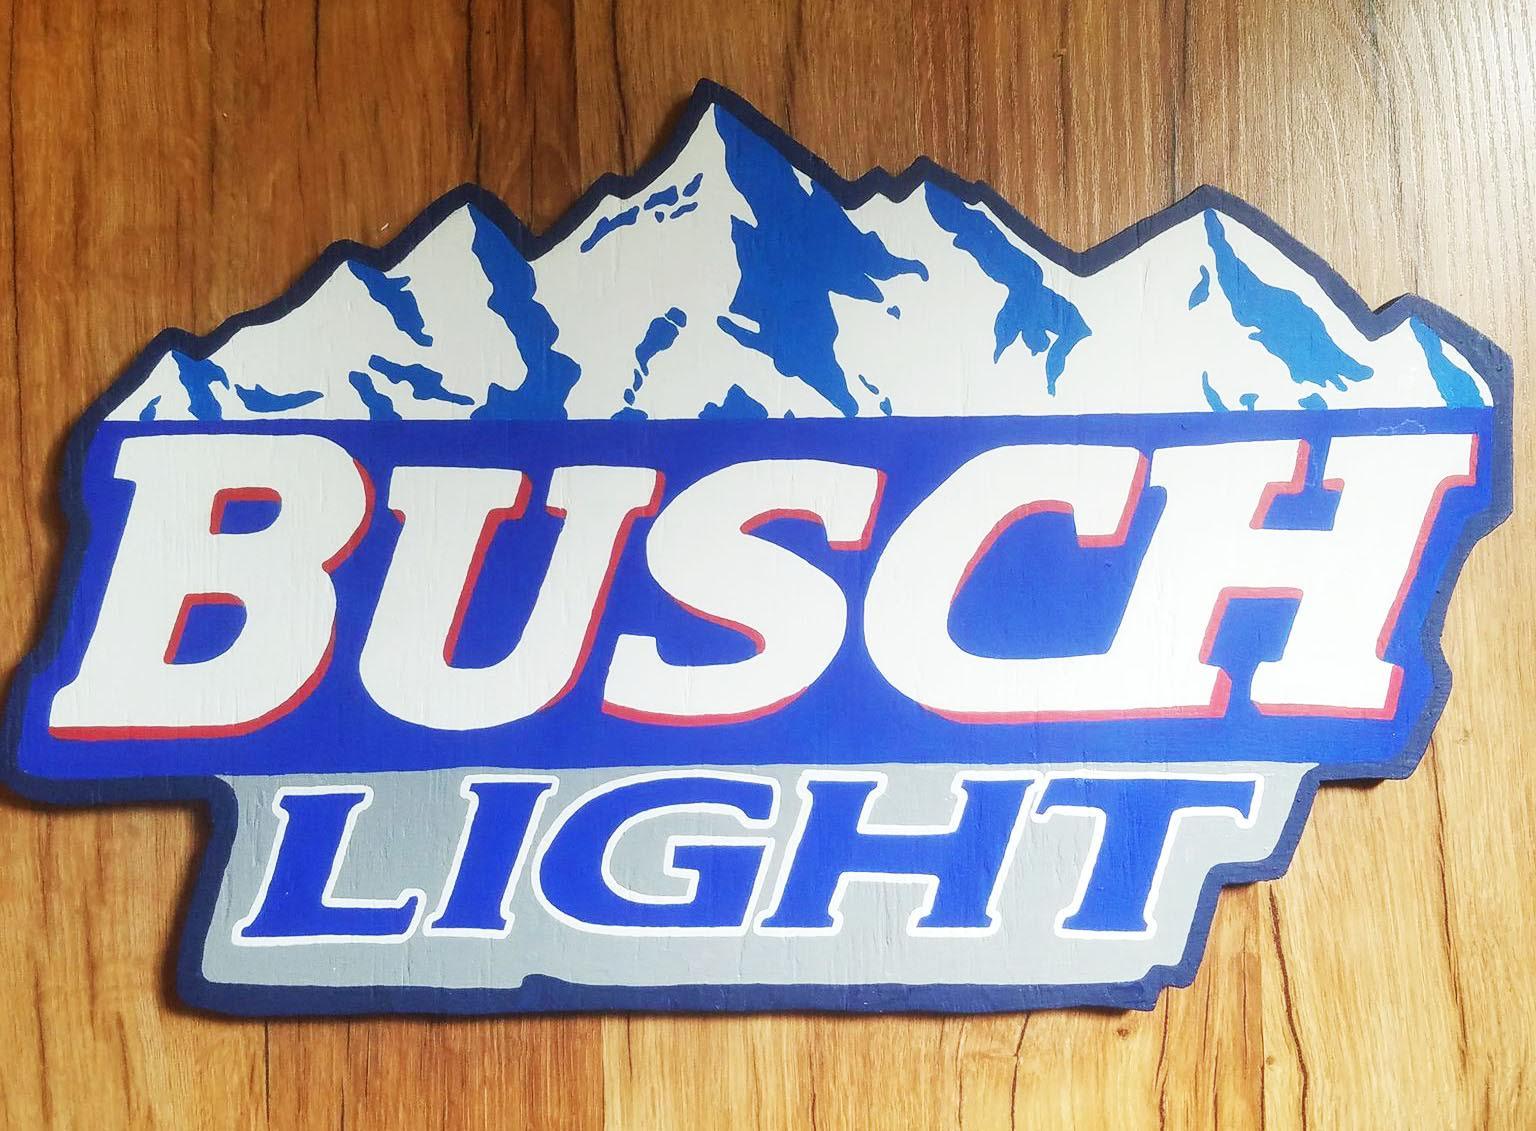 Busch Light.jpg